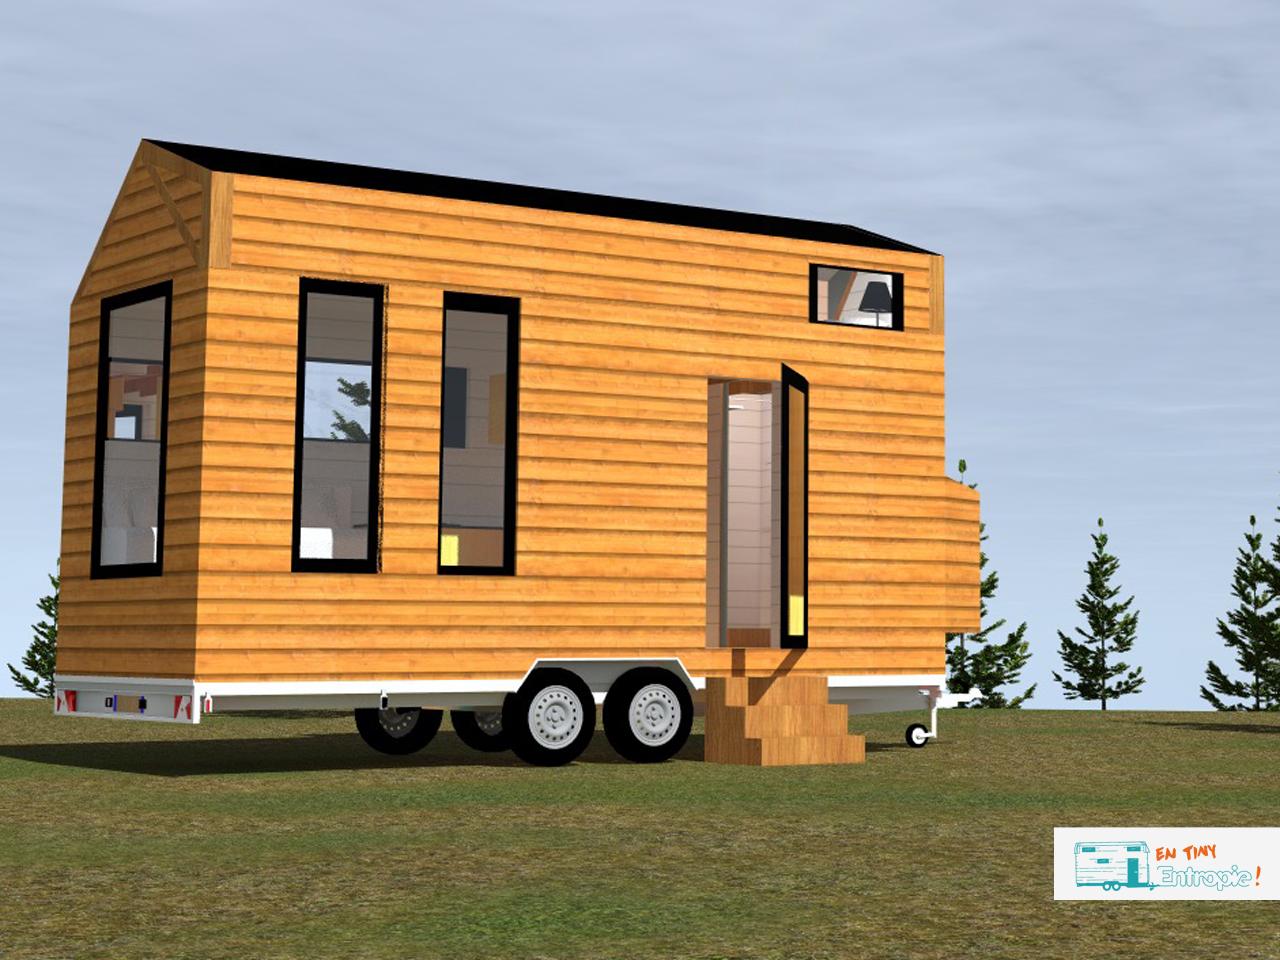 devenez propri taire d 39 une tiny house en open source. Black Bedroom Furniture Sets. Home Design Ideas